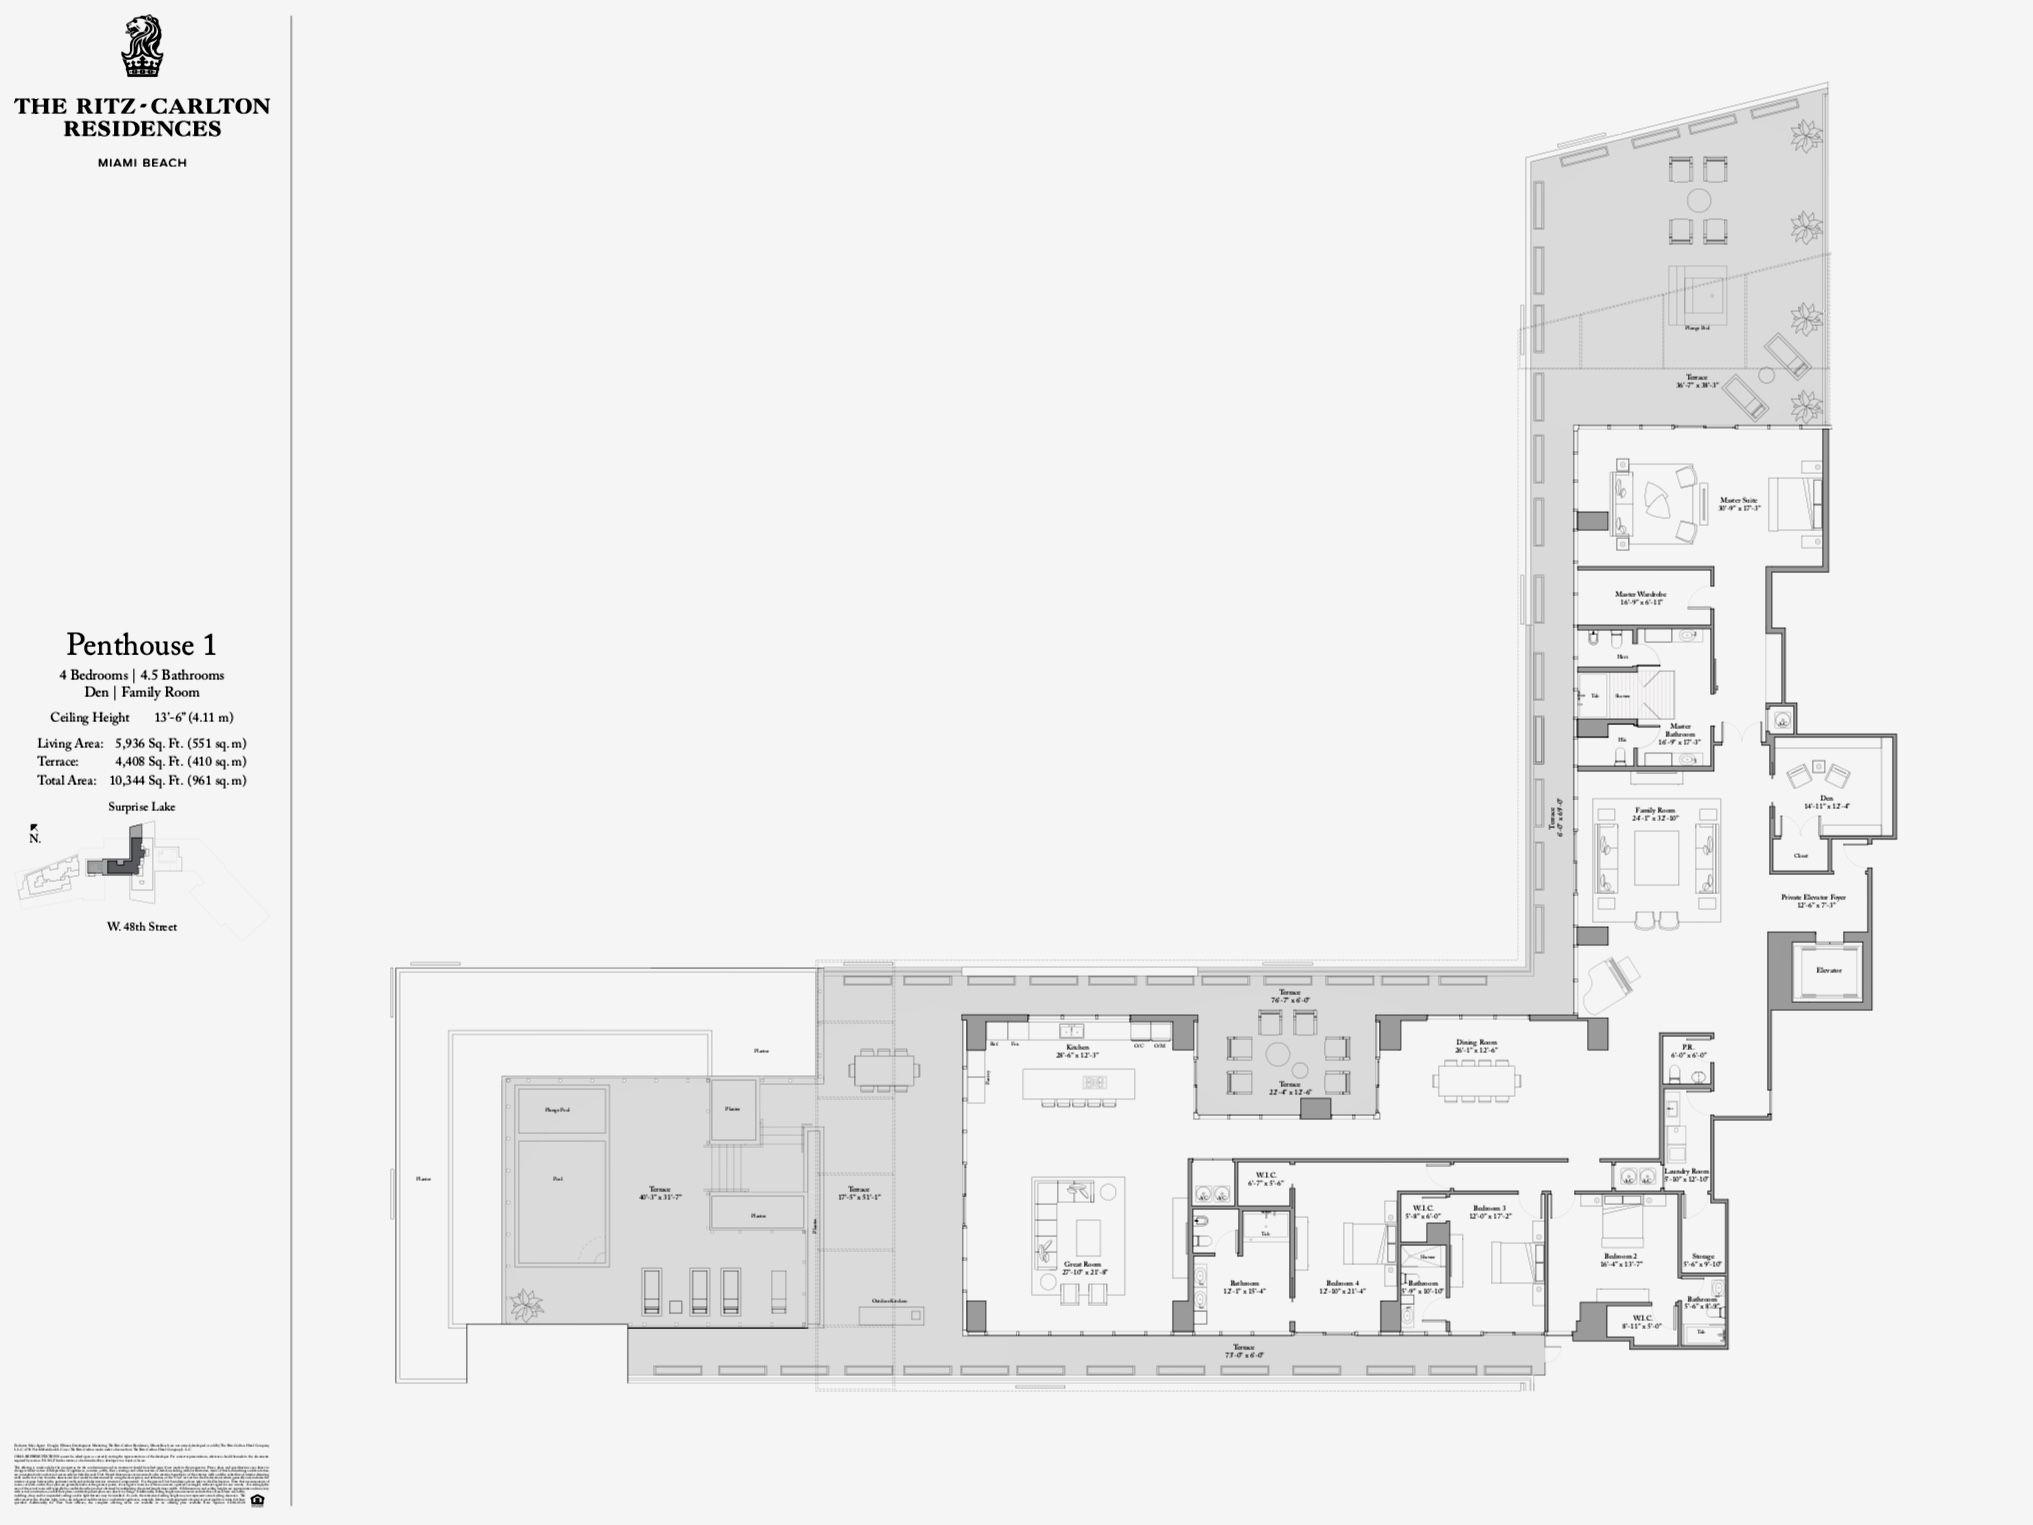 The Ritz Carlton Residences Miami Beach Penthouse 1 Miami Beach Condo Hotel Plan Miami Beach Penthouse